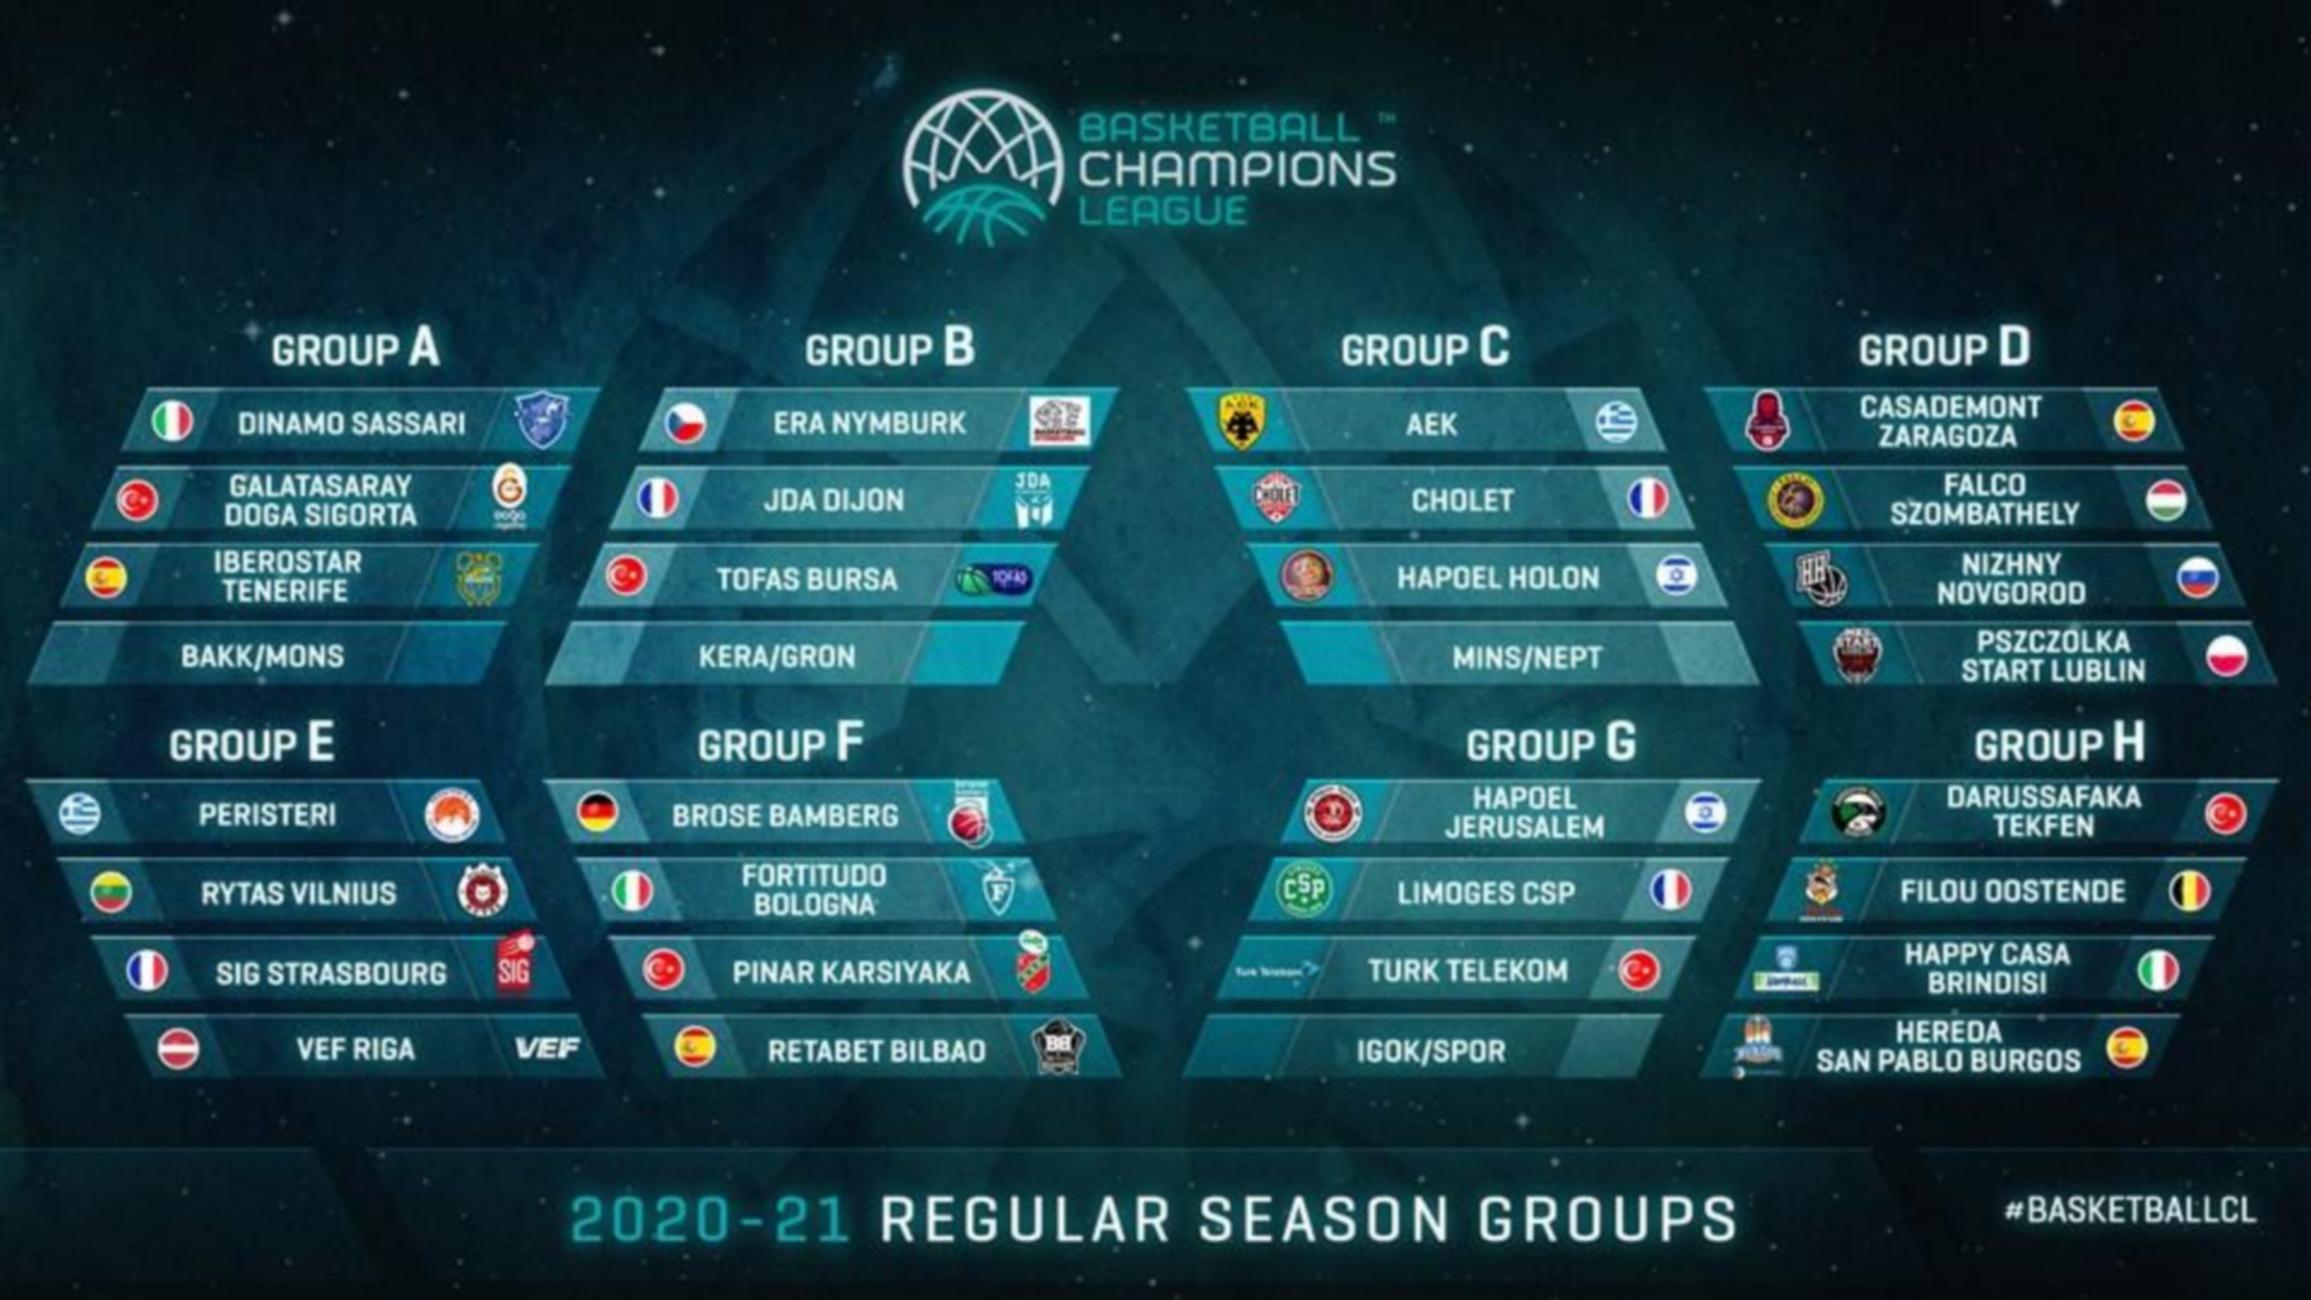 Νέοι όμιλοι στο BCL! Αυτοί θα είναι οι αντίπαλοι για ΑΕΚ και Περιστέρι (pic)